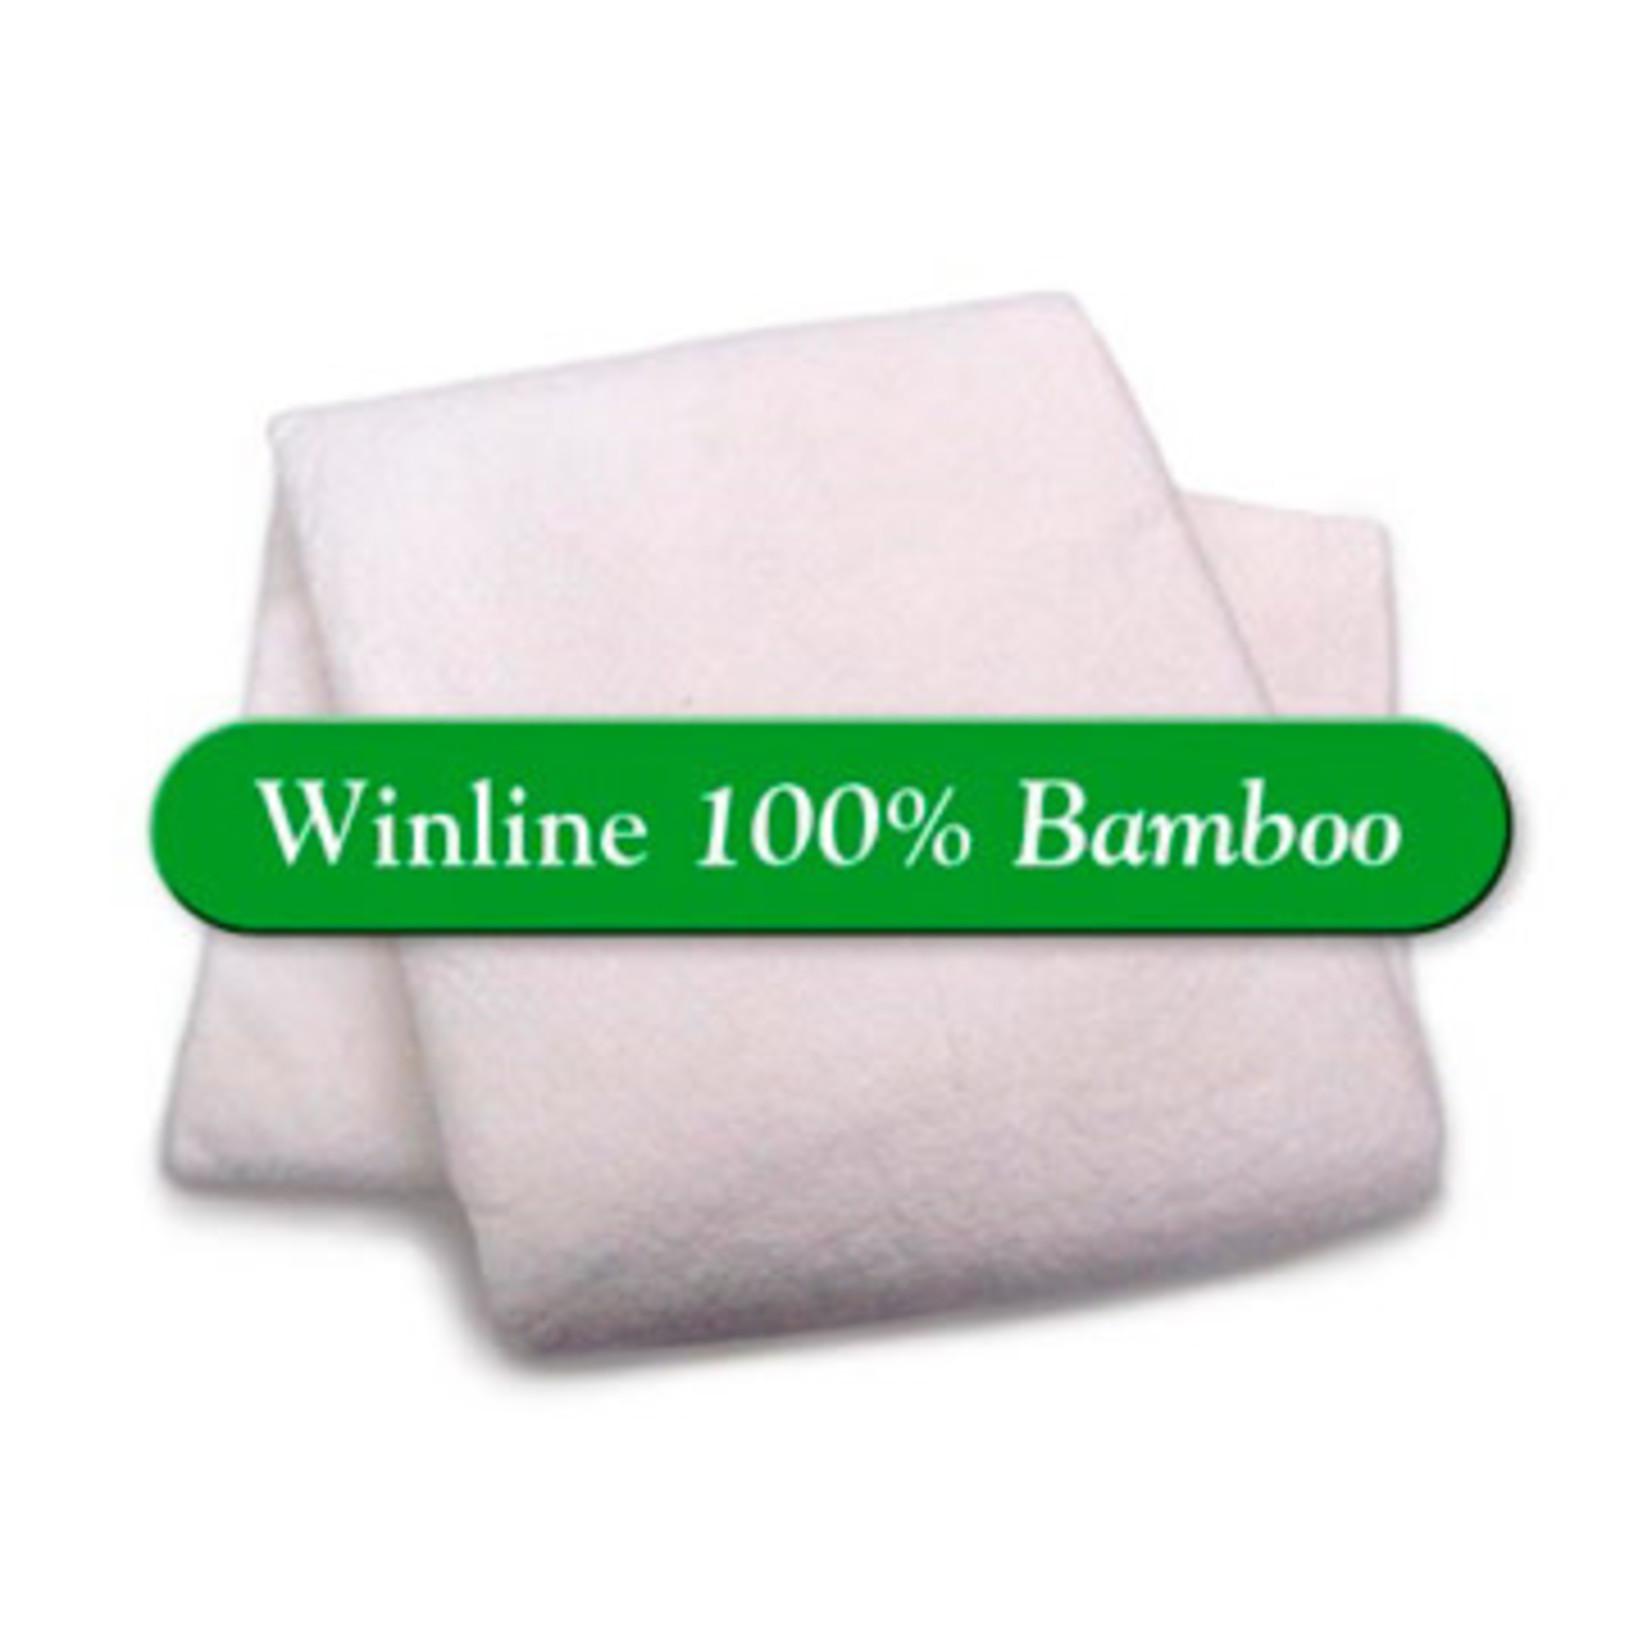 Winline Bamboe - 100% Bamboo - 310 cm x 310 cm King